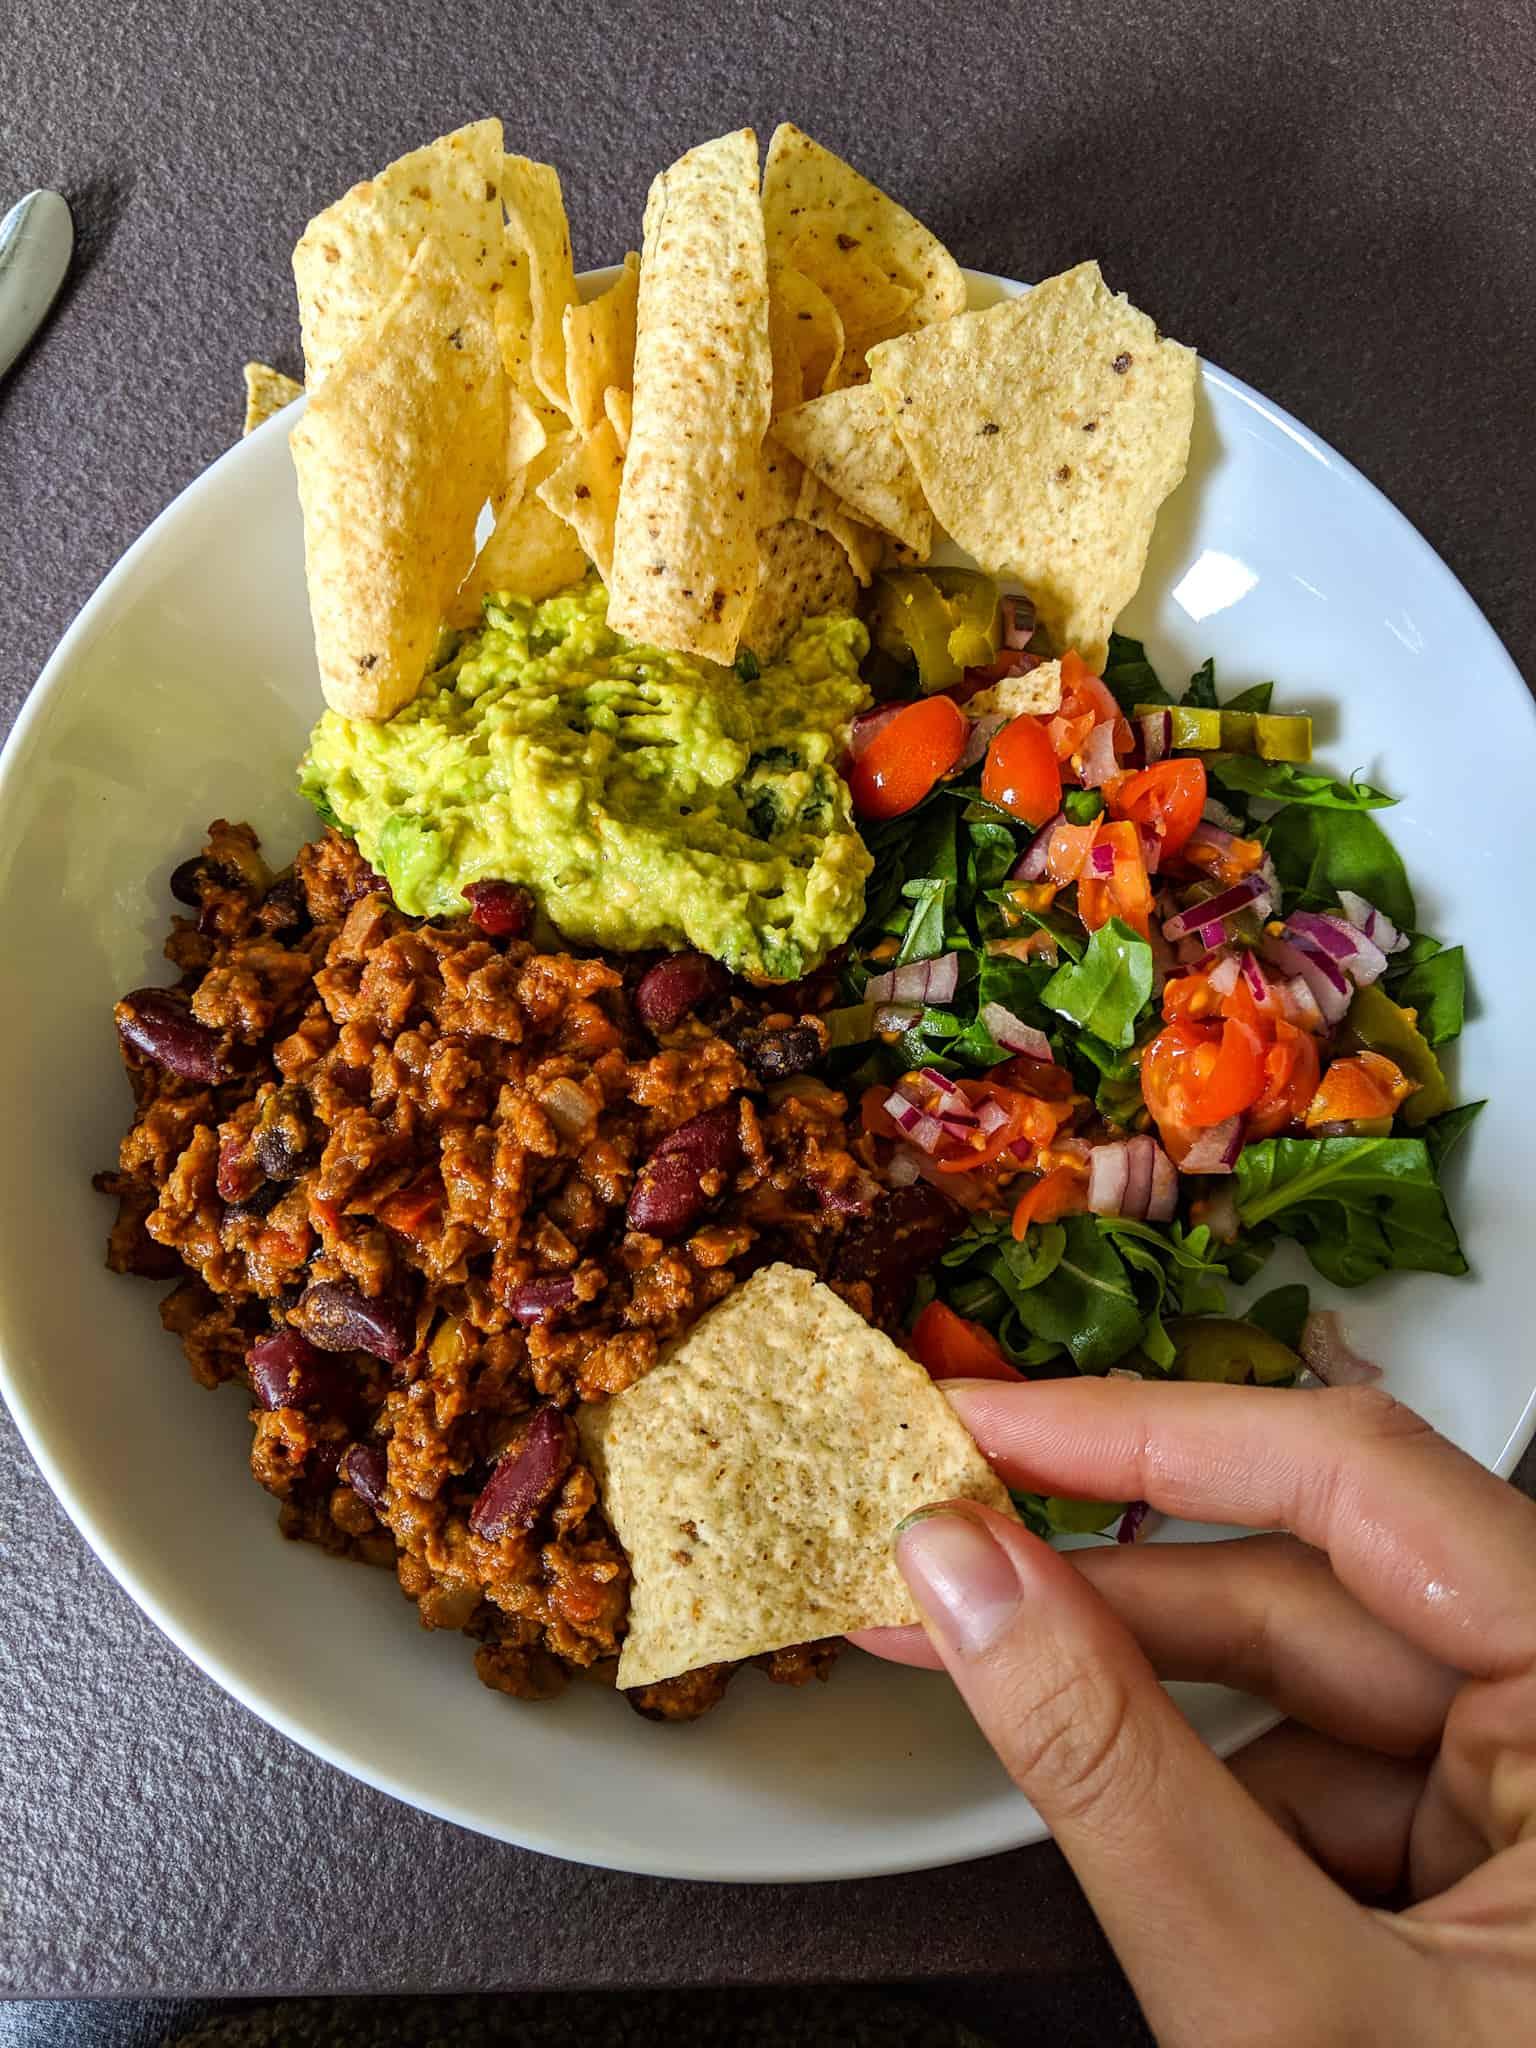 Vegan chilli con carne with pico de gallo, guacamole, and tortilla chips